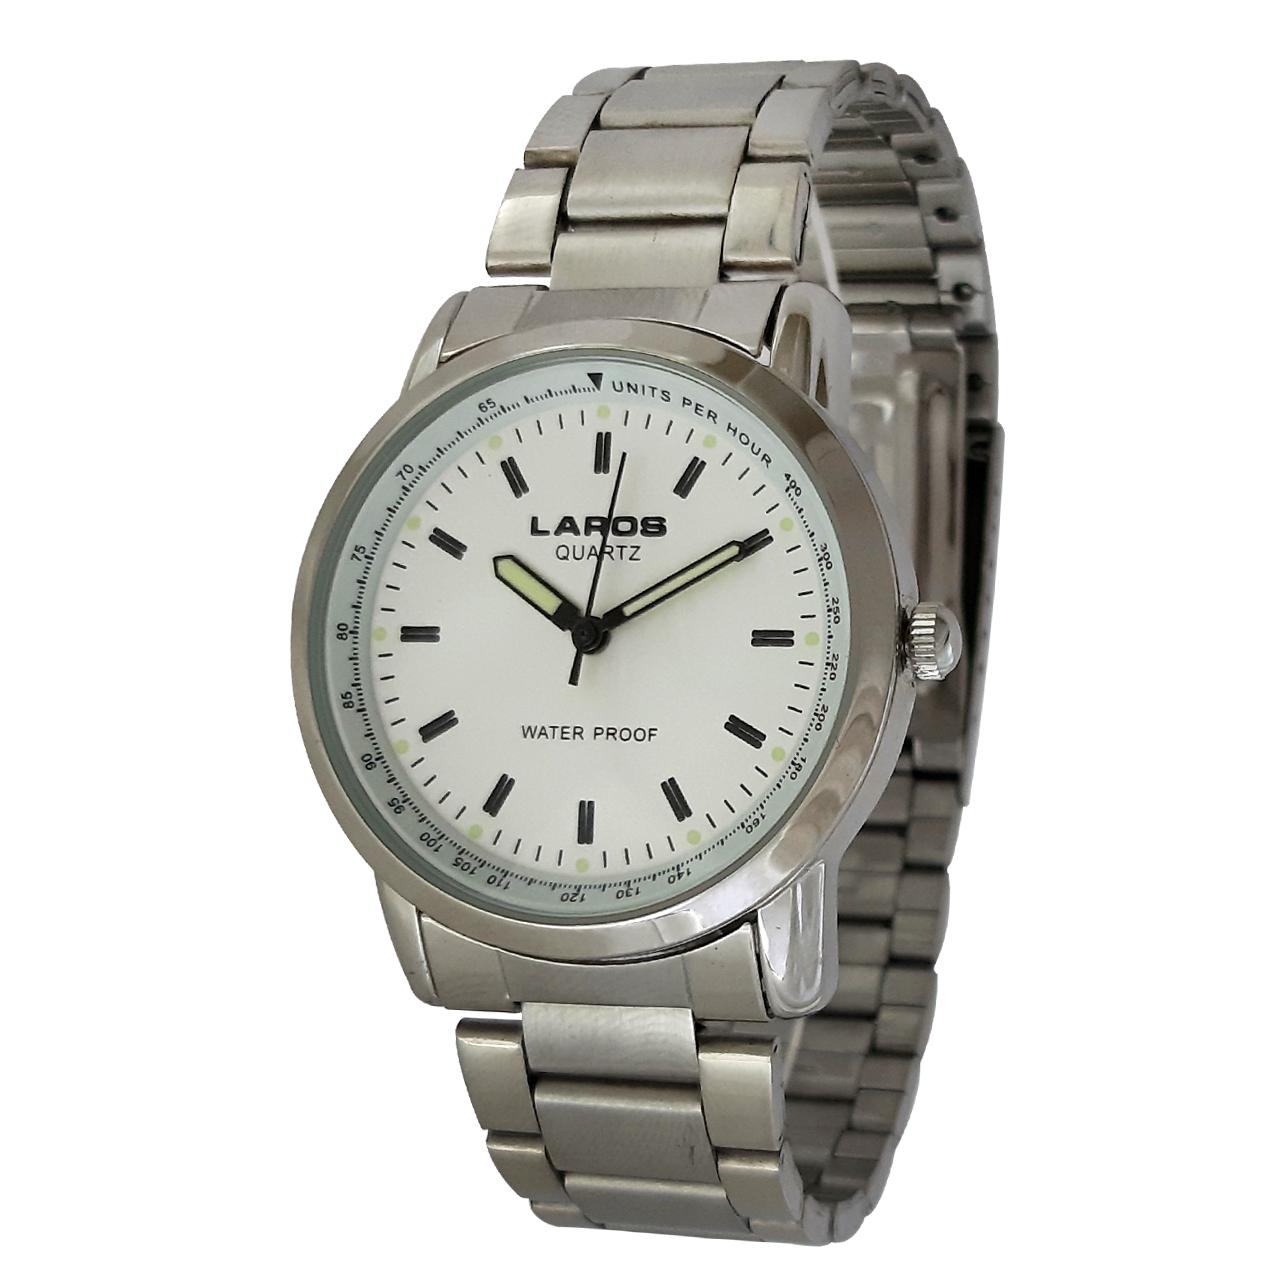 ساعت مچی عقربه ای مردانه لاروس مدل 1216-73483 به همراه دستمال مخصوص برند کلین واچ 2